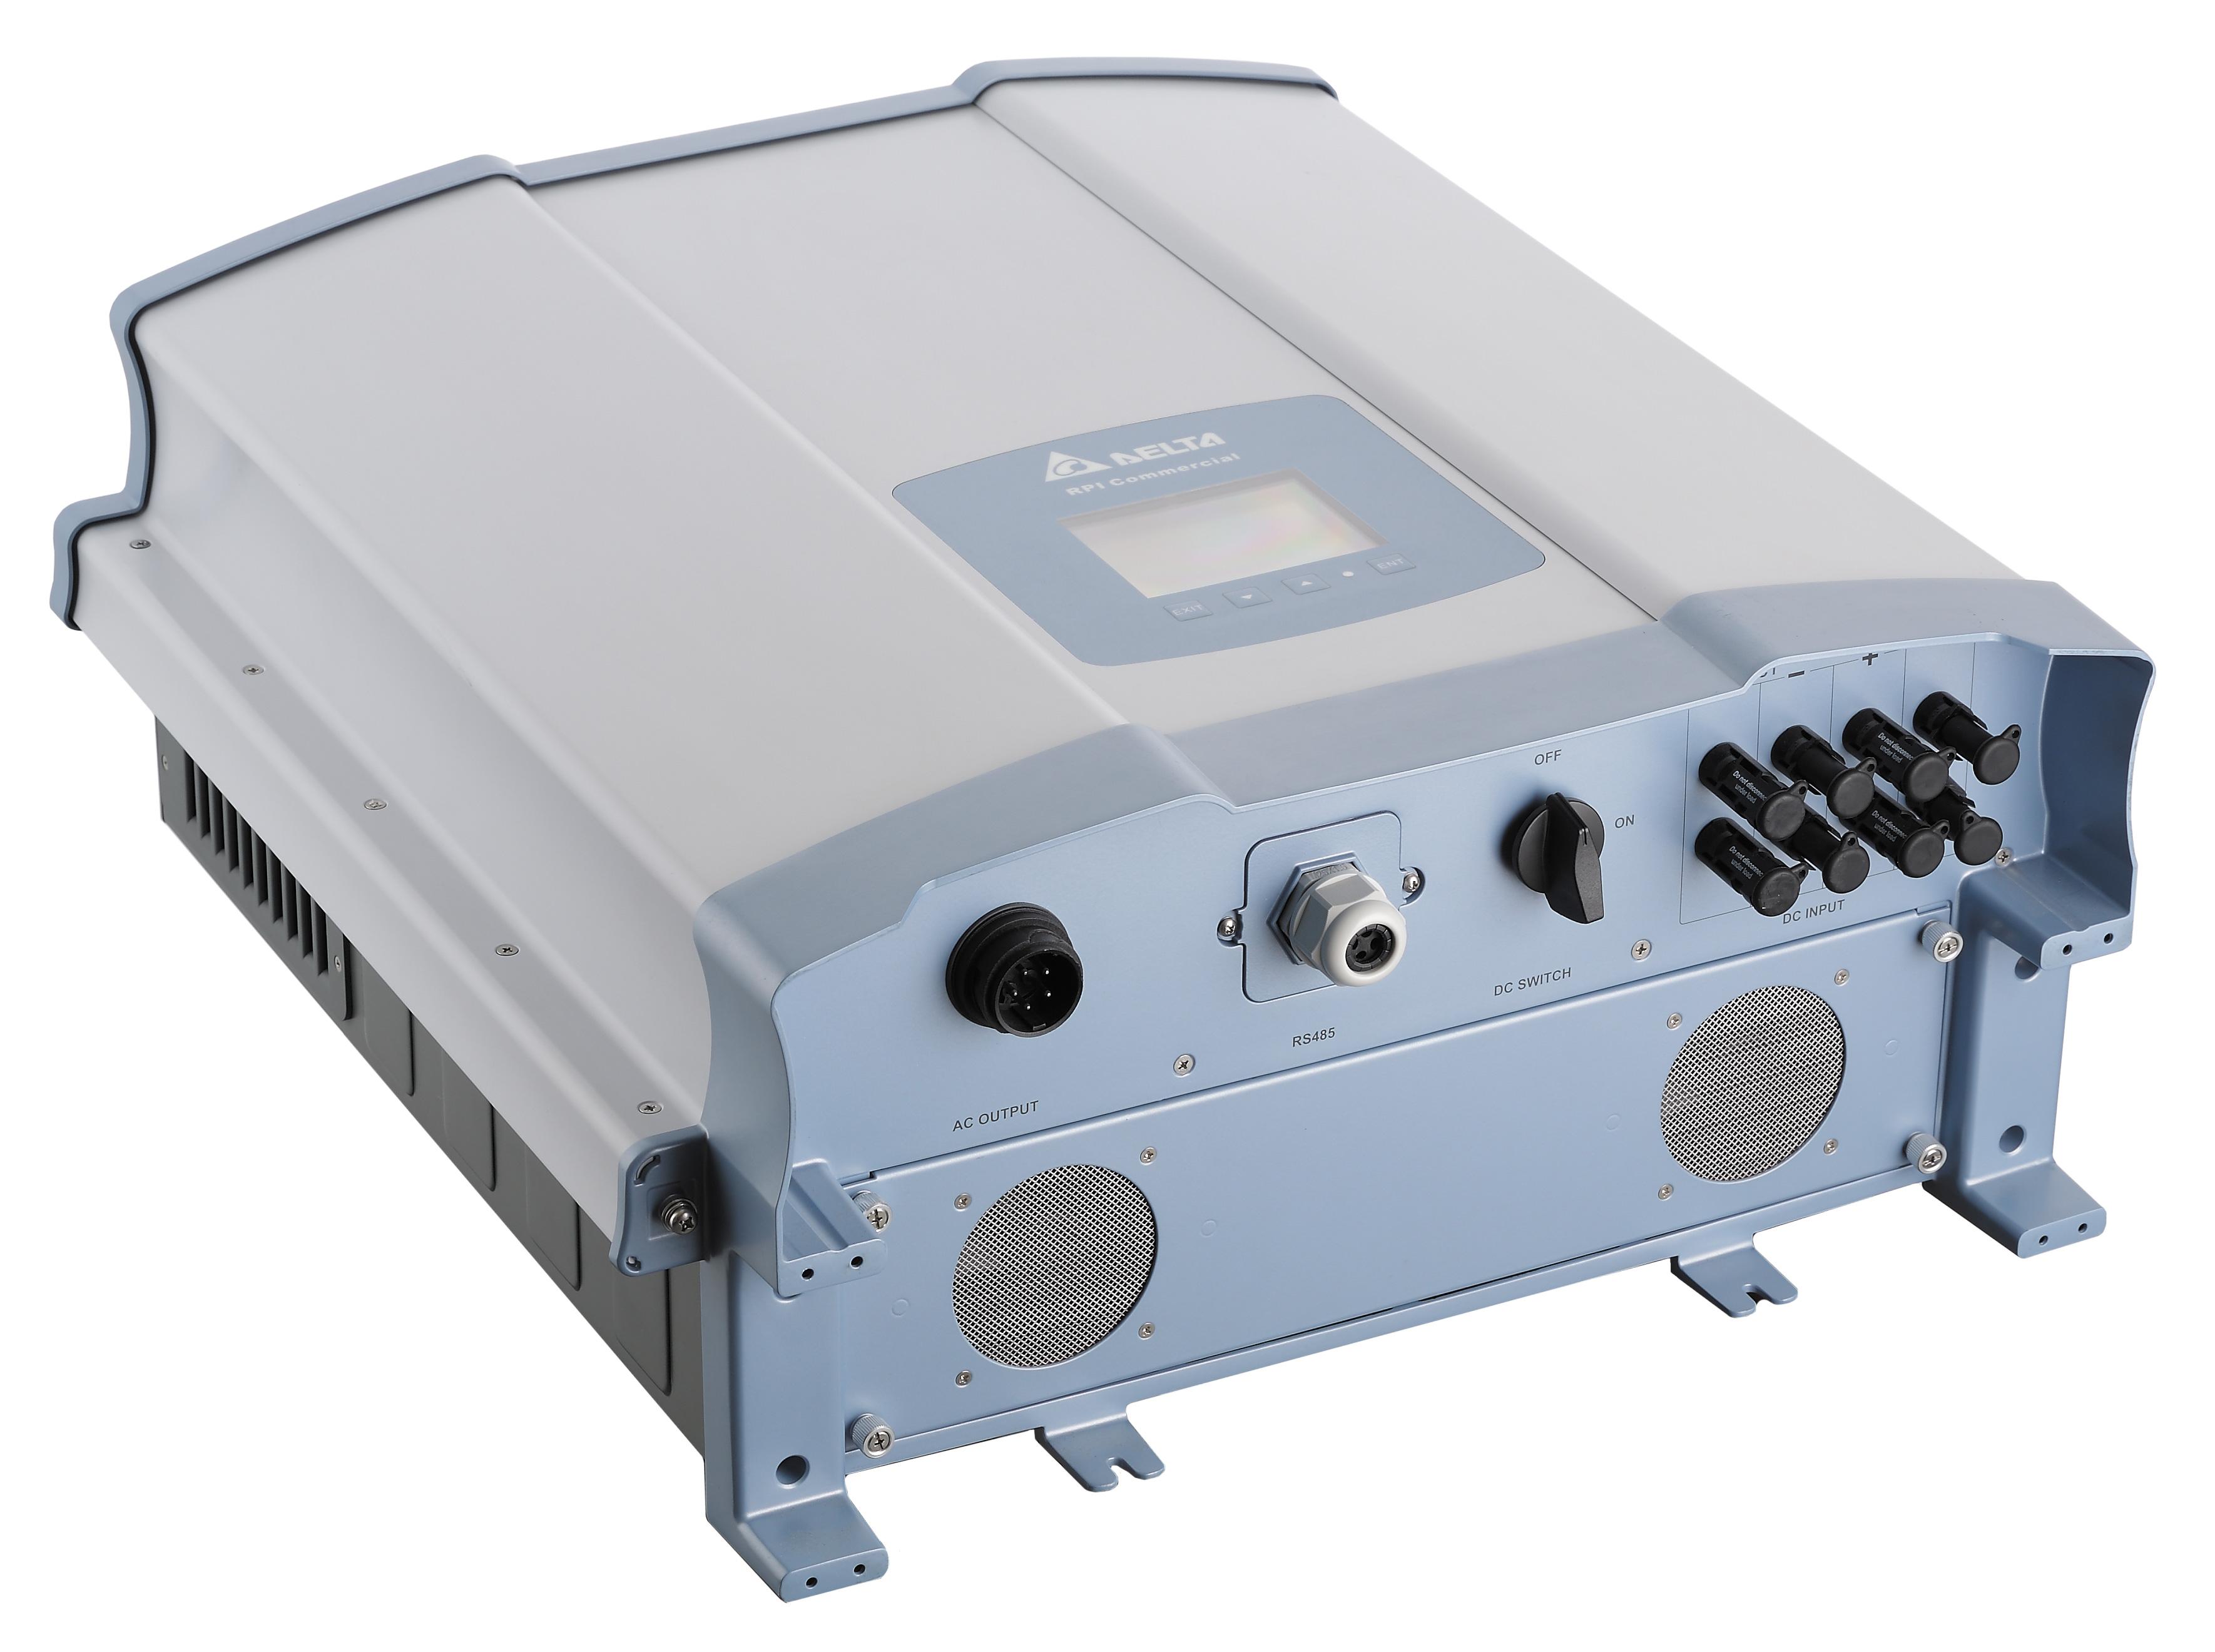 9 4,5 12 V 30 Ladegerät Eu Standard Großhandel Universal Ac Dc Adapter Konverter 6 Stecker Dc 3 7,5 6